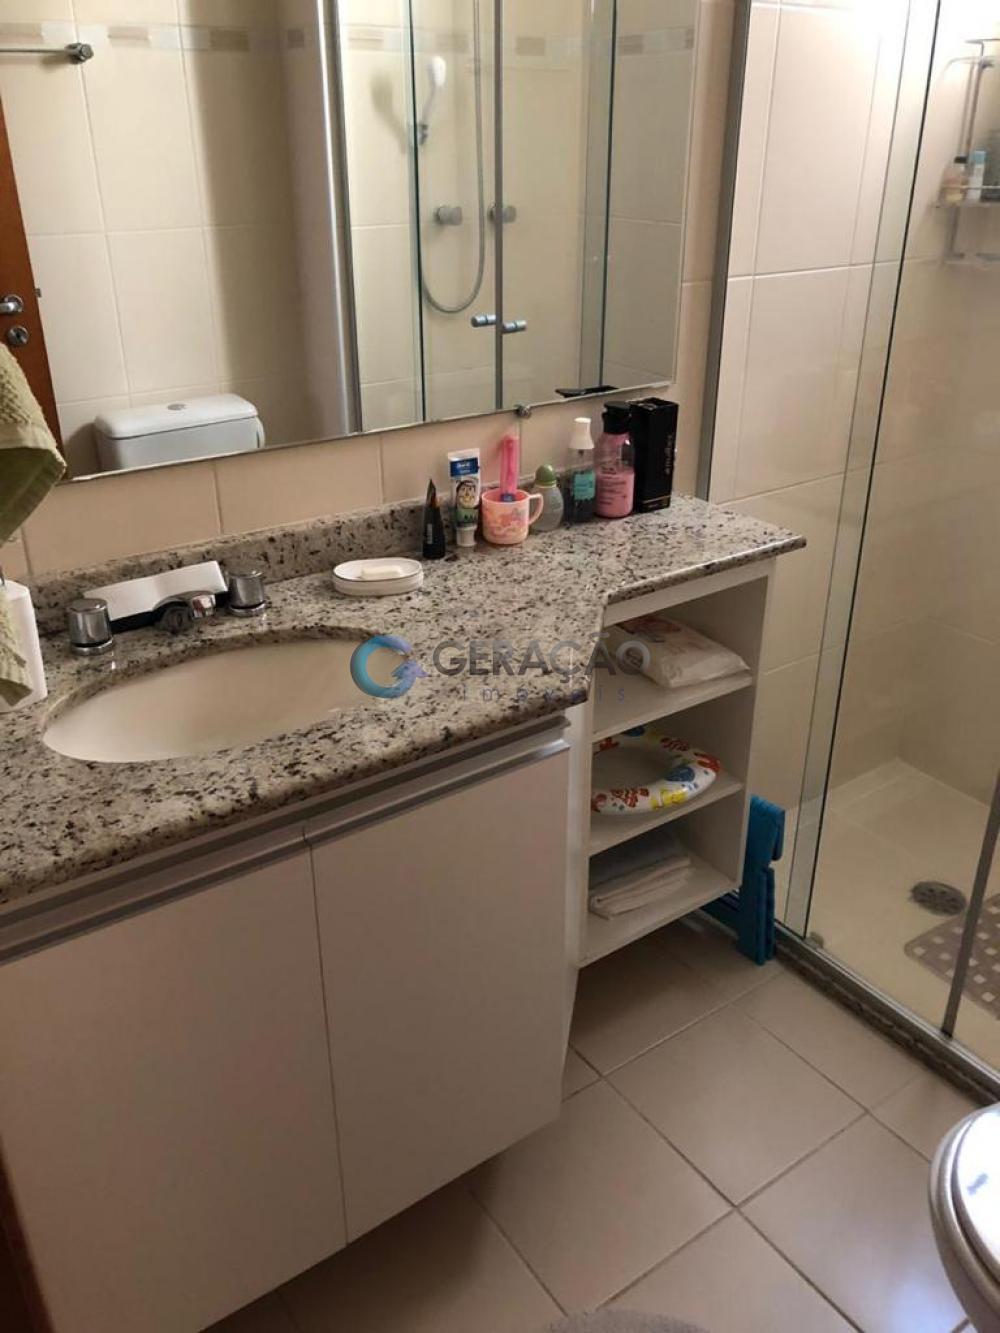 Comprar Apartamento / Padrão em São Paulo apenas R$ 1.300.000,00 - Foto 17